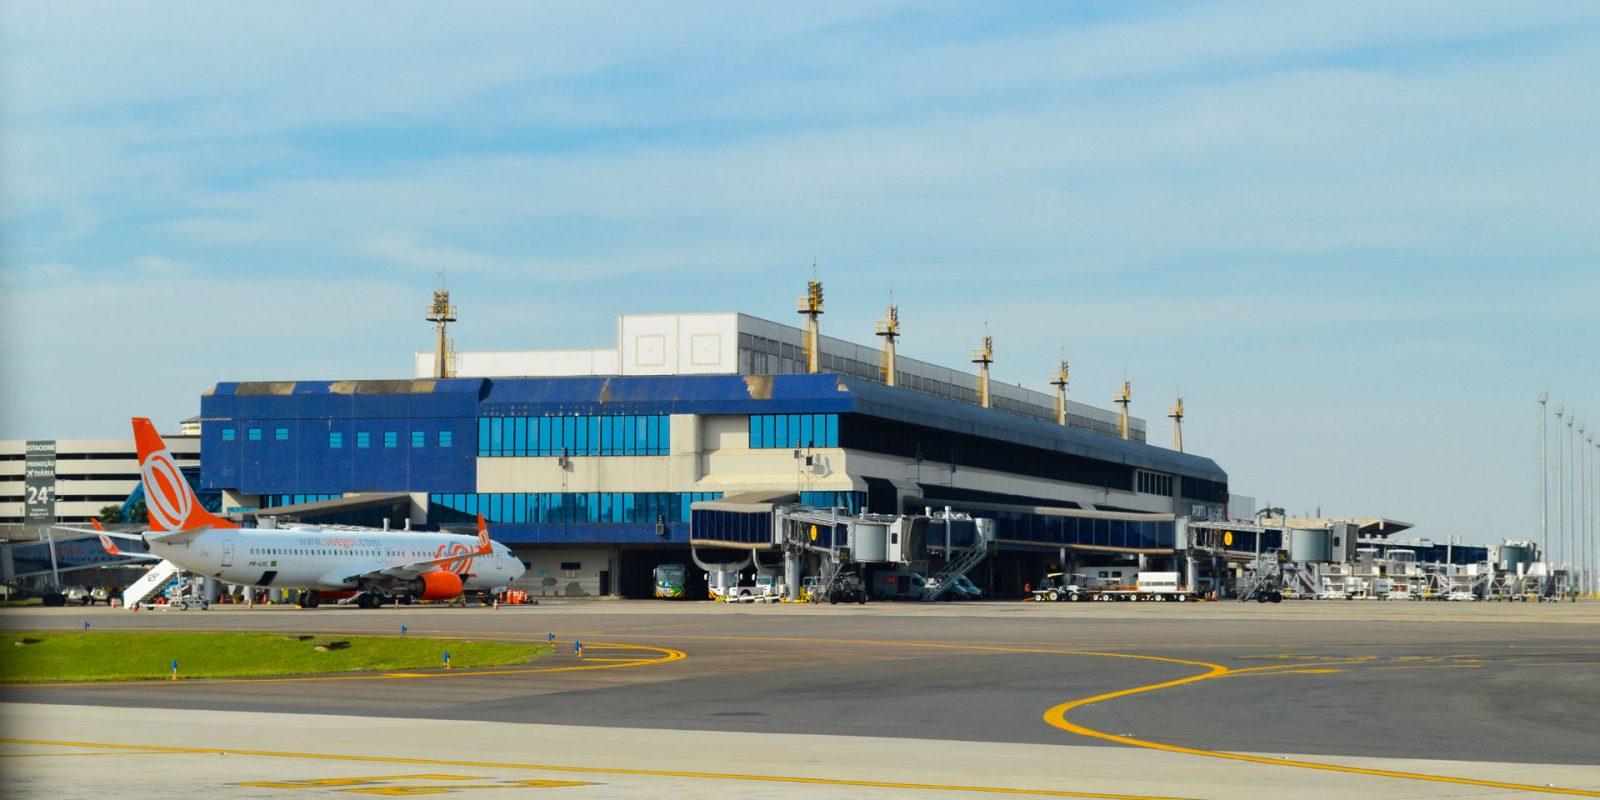 Aeroporto Internacional Salgado Filho – Porto Alegre